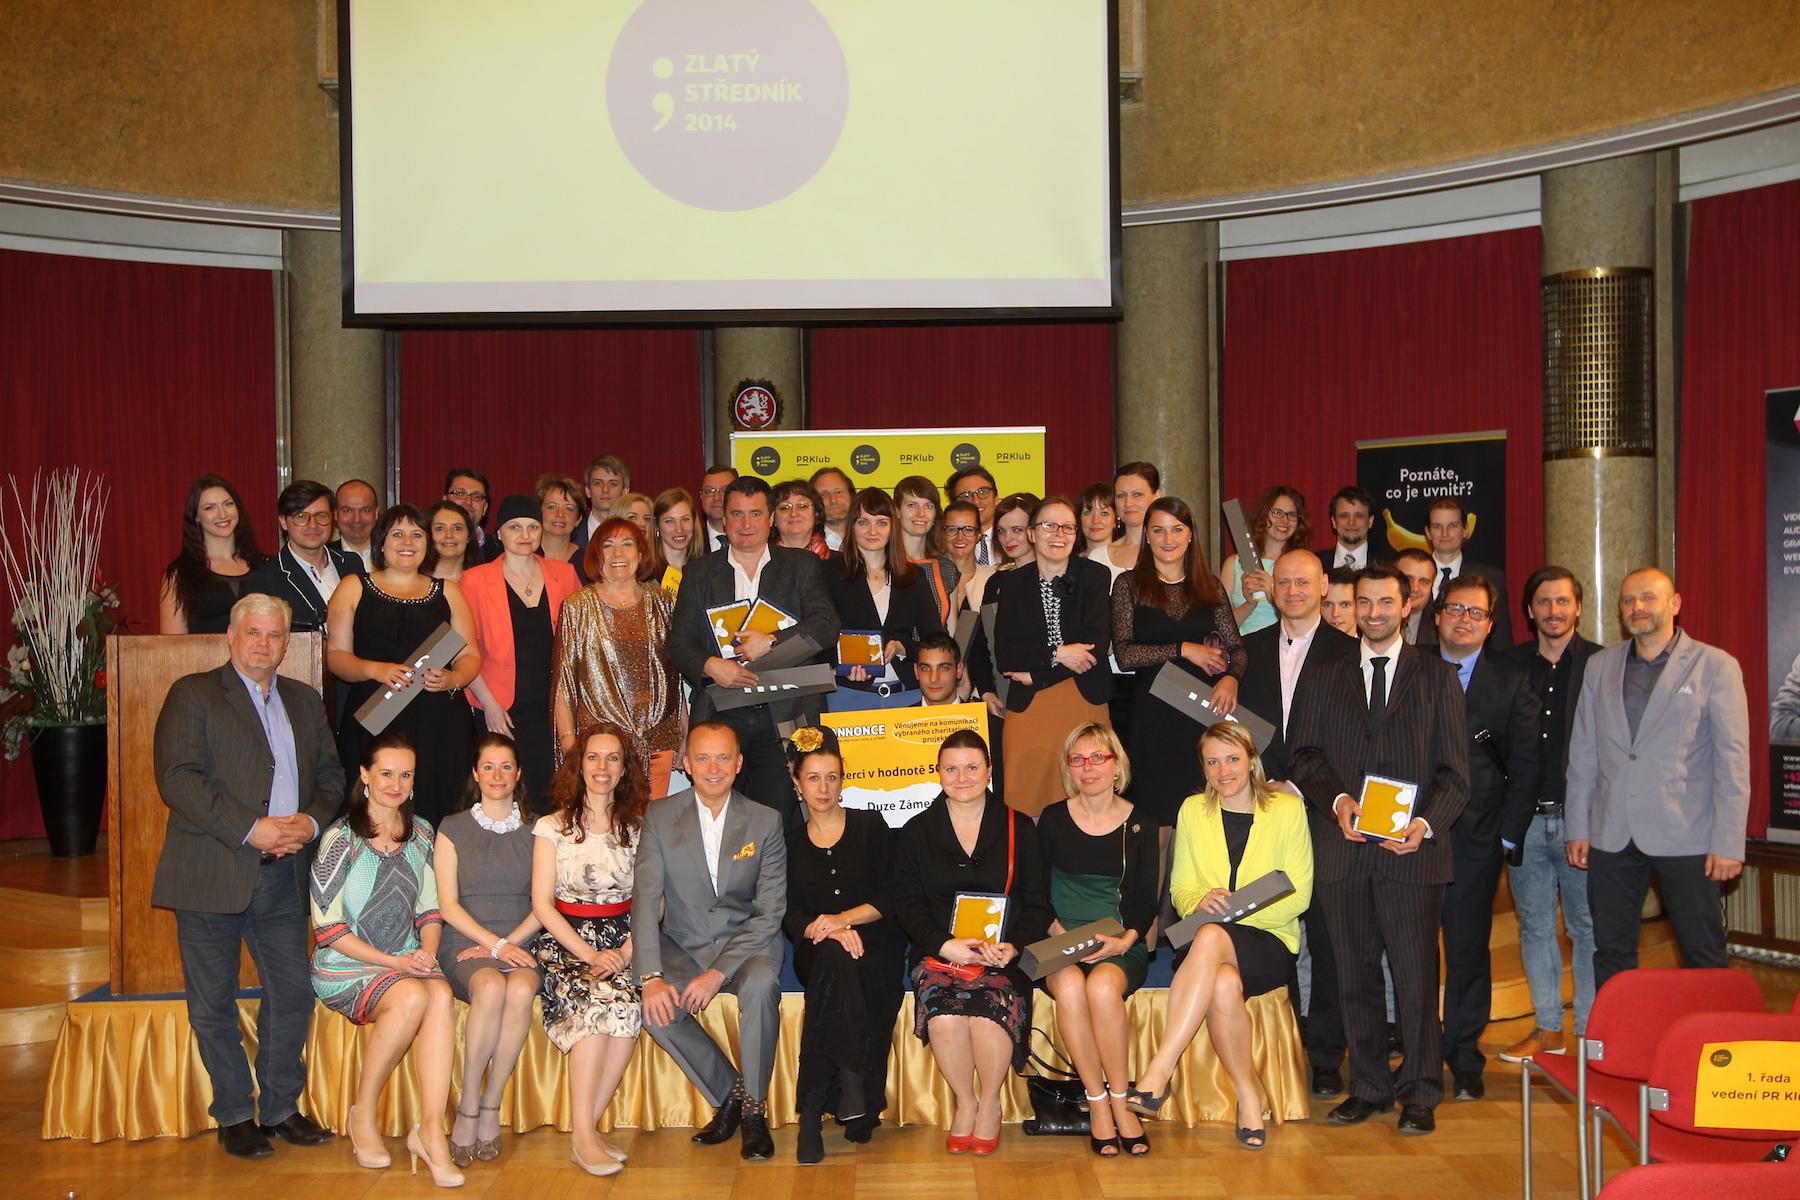 Vítězové Zlatého středníku 2014. Foto: Tomáš Pánek